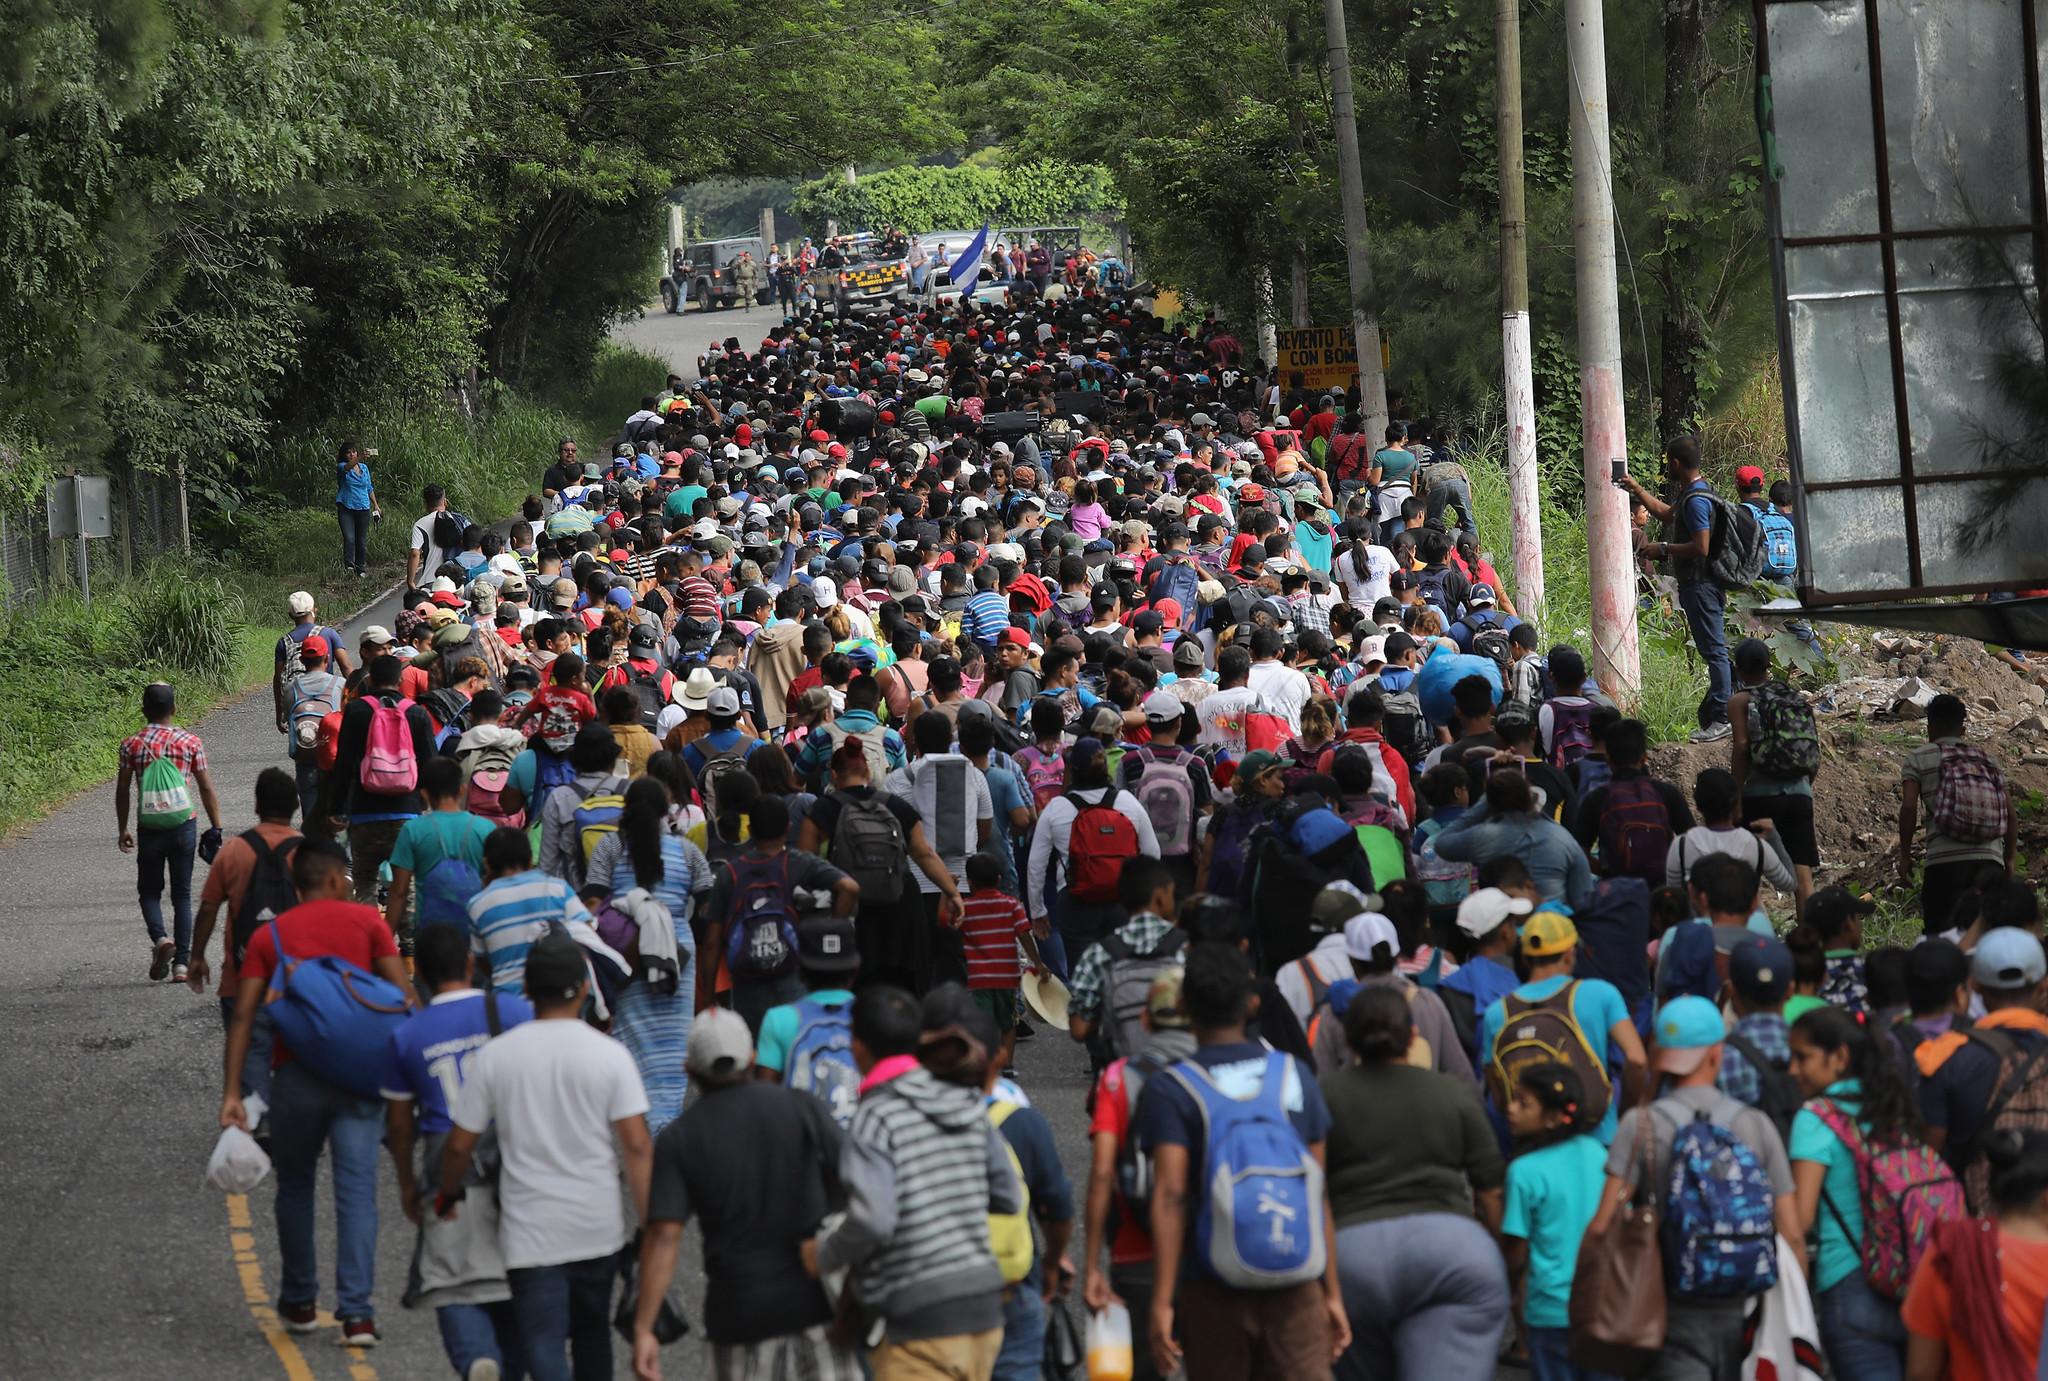 Trump Amenaza Con Cortar Fondos A Honduras Si La Caravana De Migrantes No Se Detiene Hoy Chicago